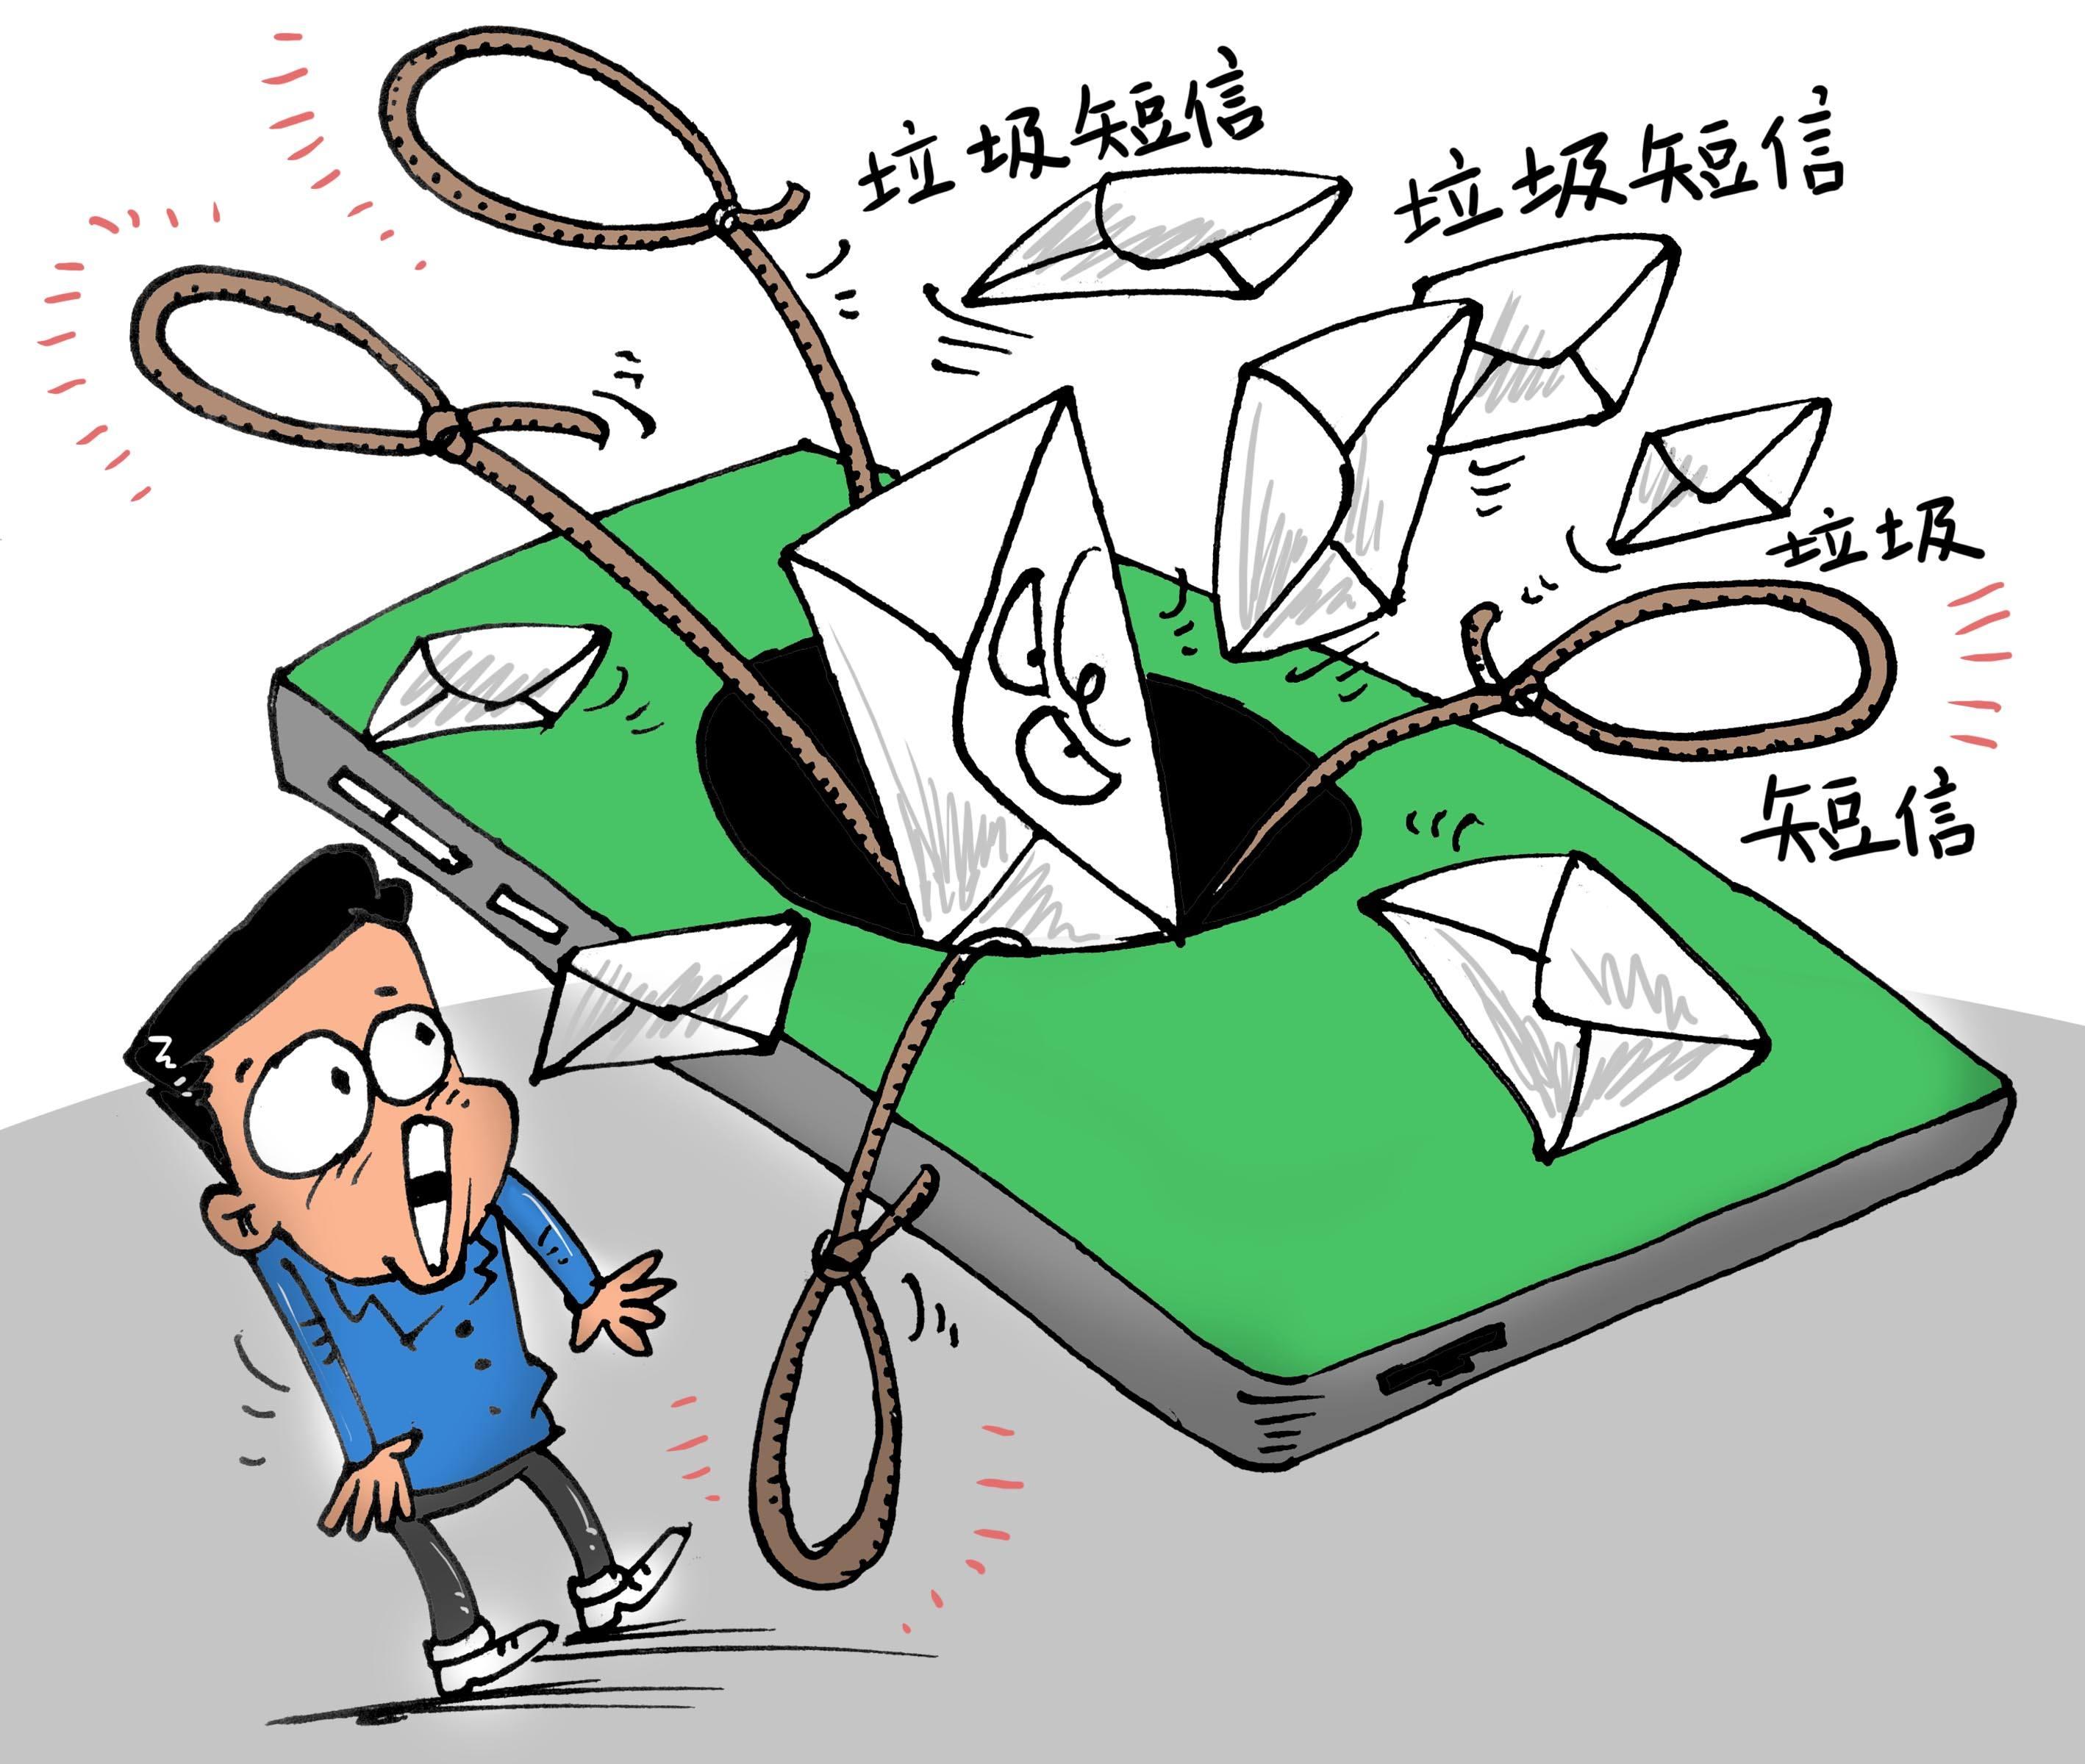 山西通信企业联手治理垃圾短信